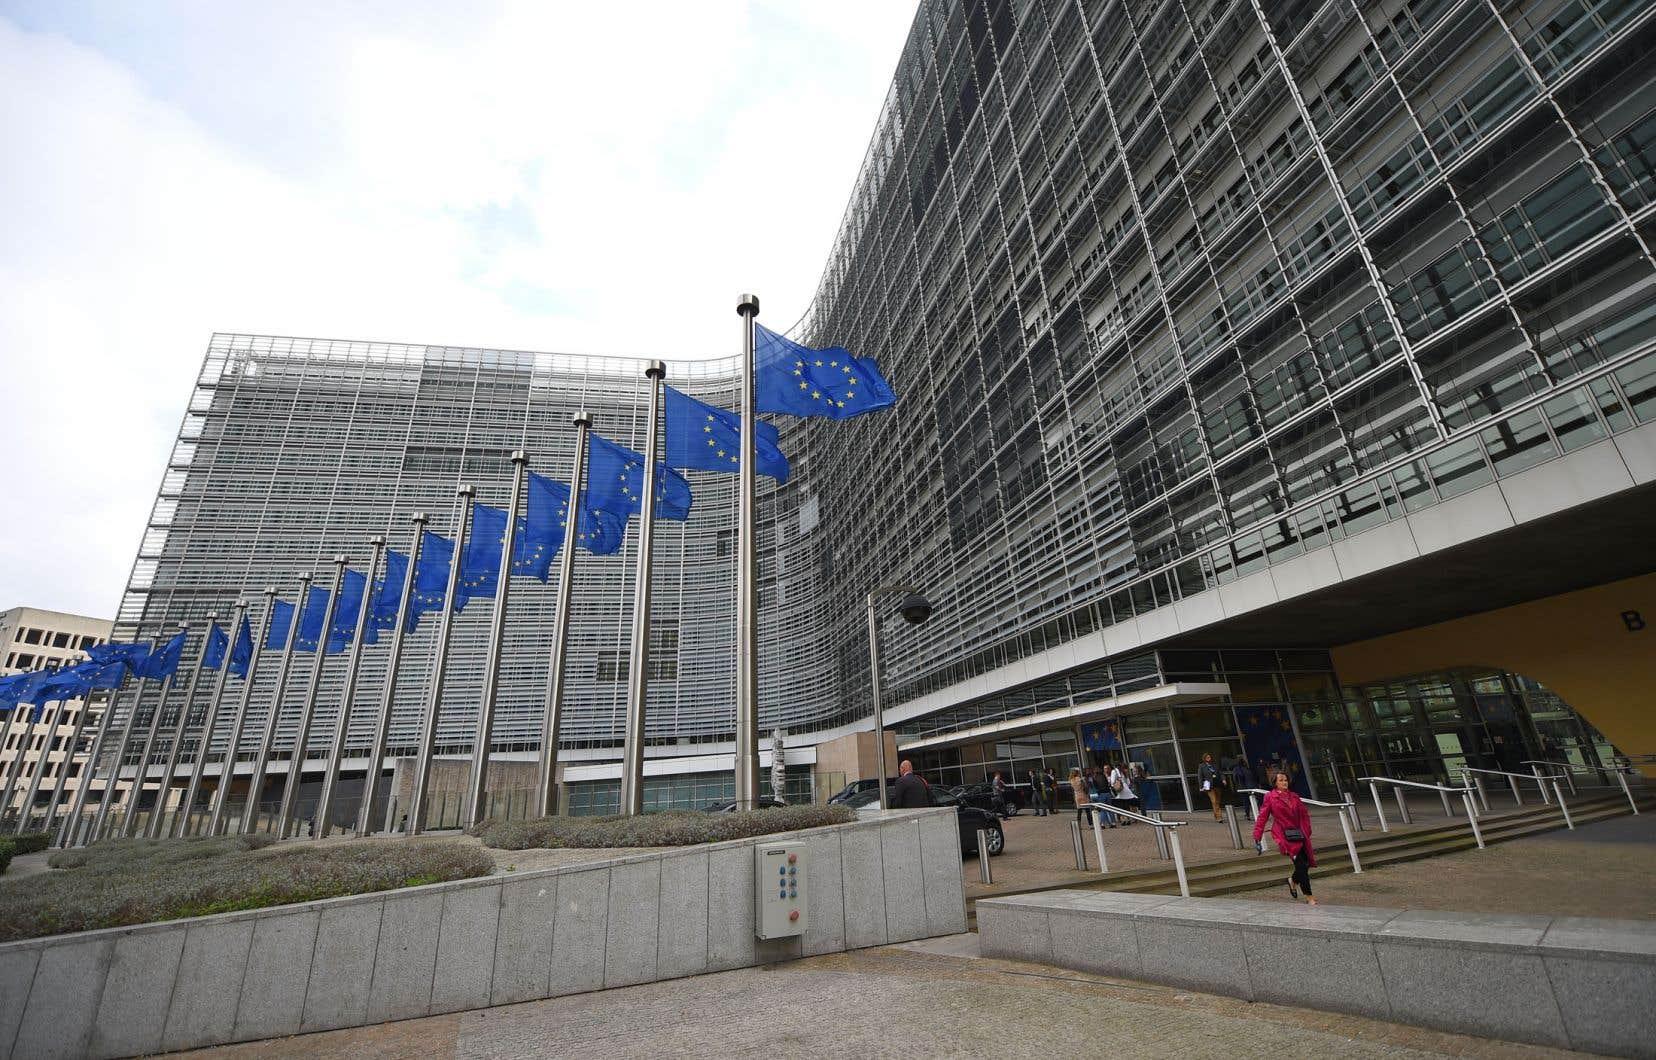 Sans grande surprise, le questionnaire porte sur les sujets d'inquiétude et les attentes des Européens: chômage, crise migratoire et protection des frontières, sécurité, terrorisme et radicalisation, environnement et climat…